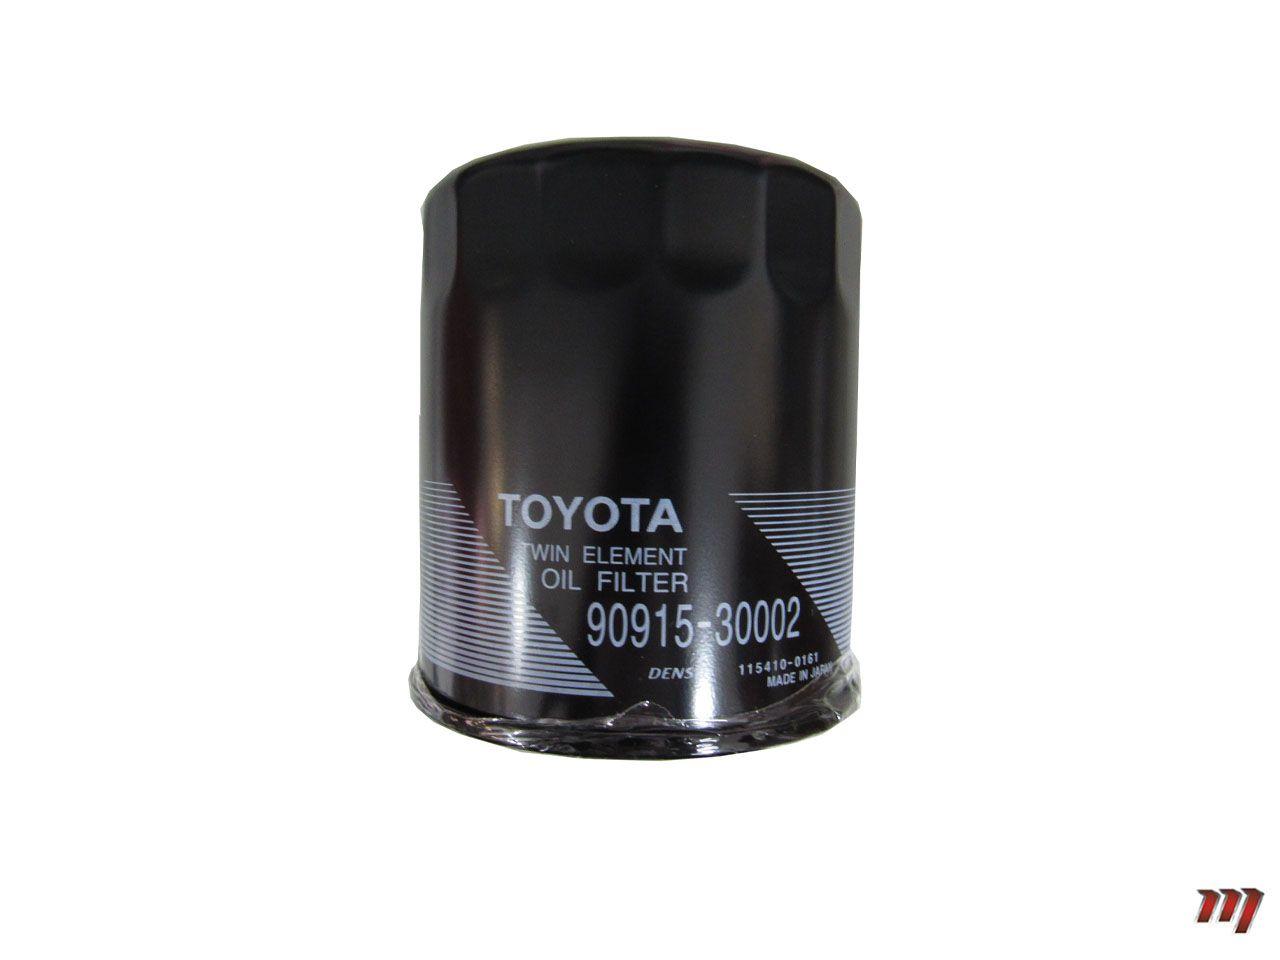 Filtro de Óleo Prado 3.0 DIESEL 2002  - Mirai Peças Toyota